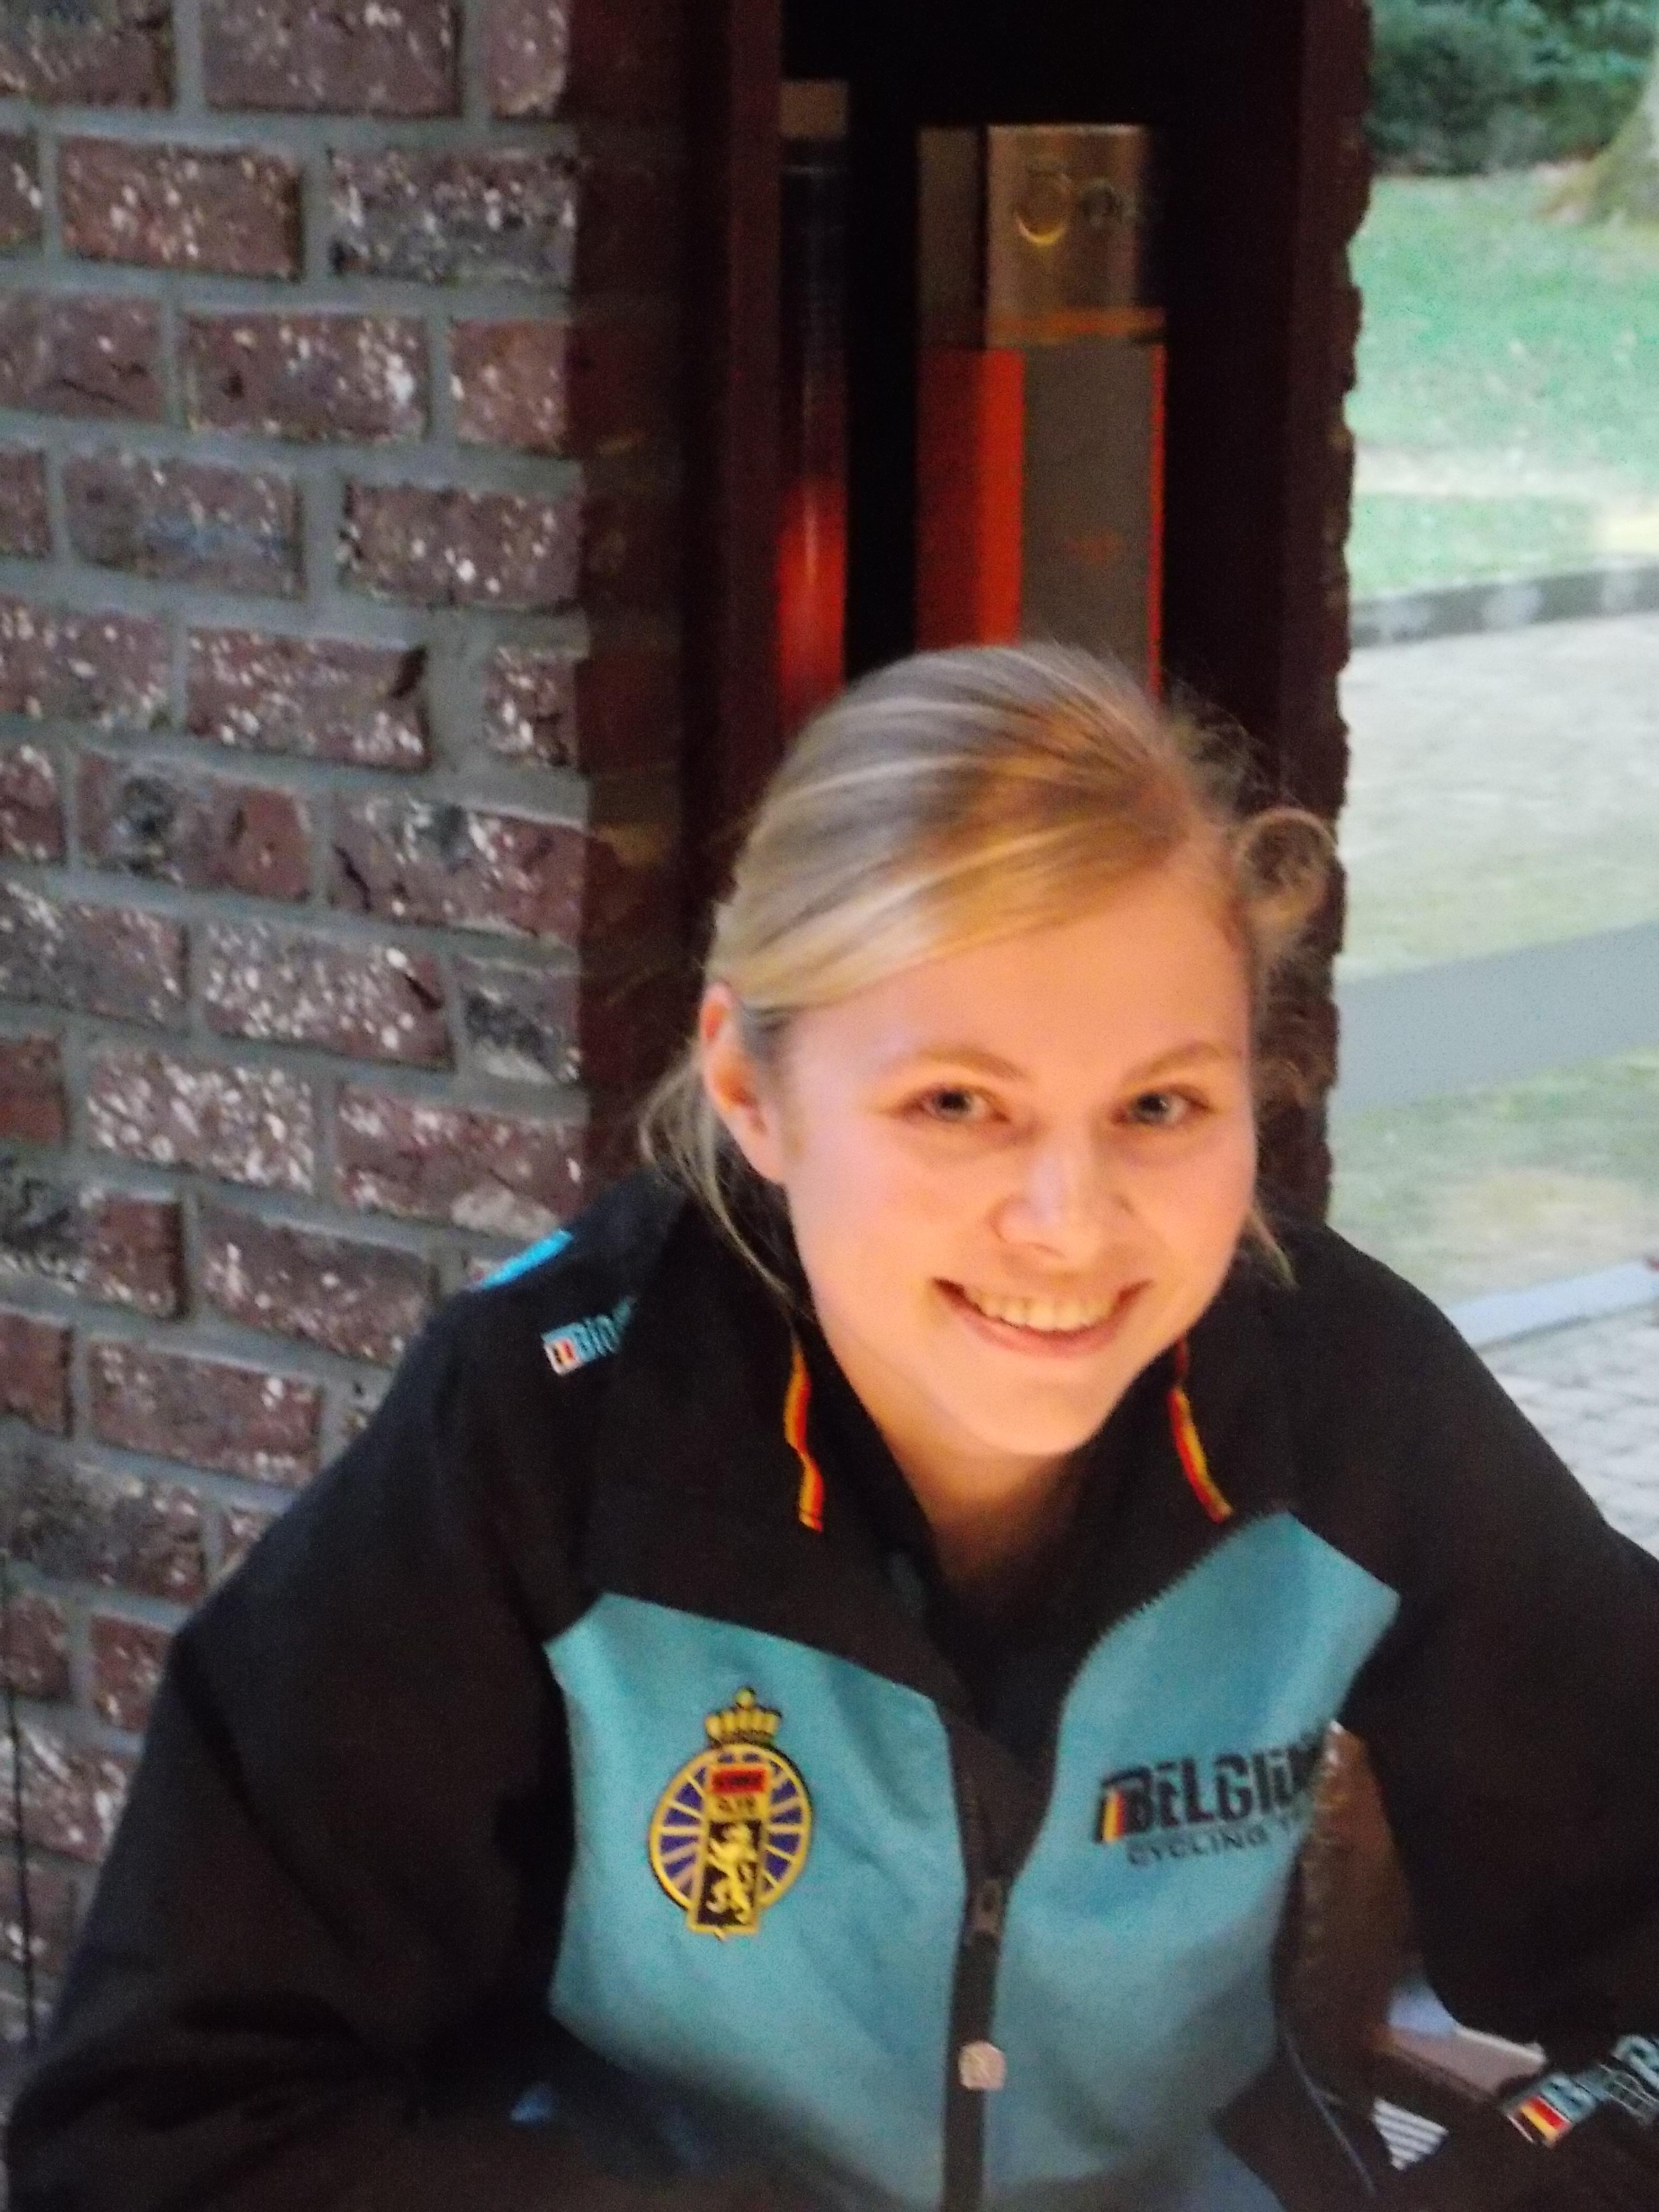 Laura Verdonschot mikt op podium in BK Koksijde